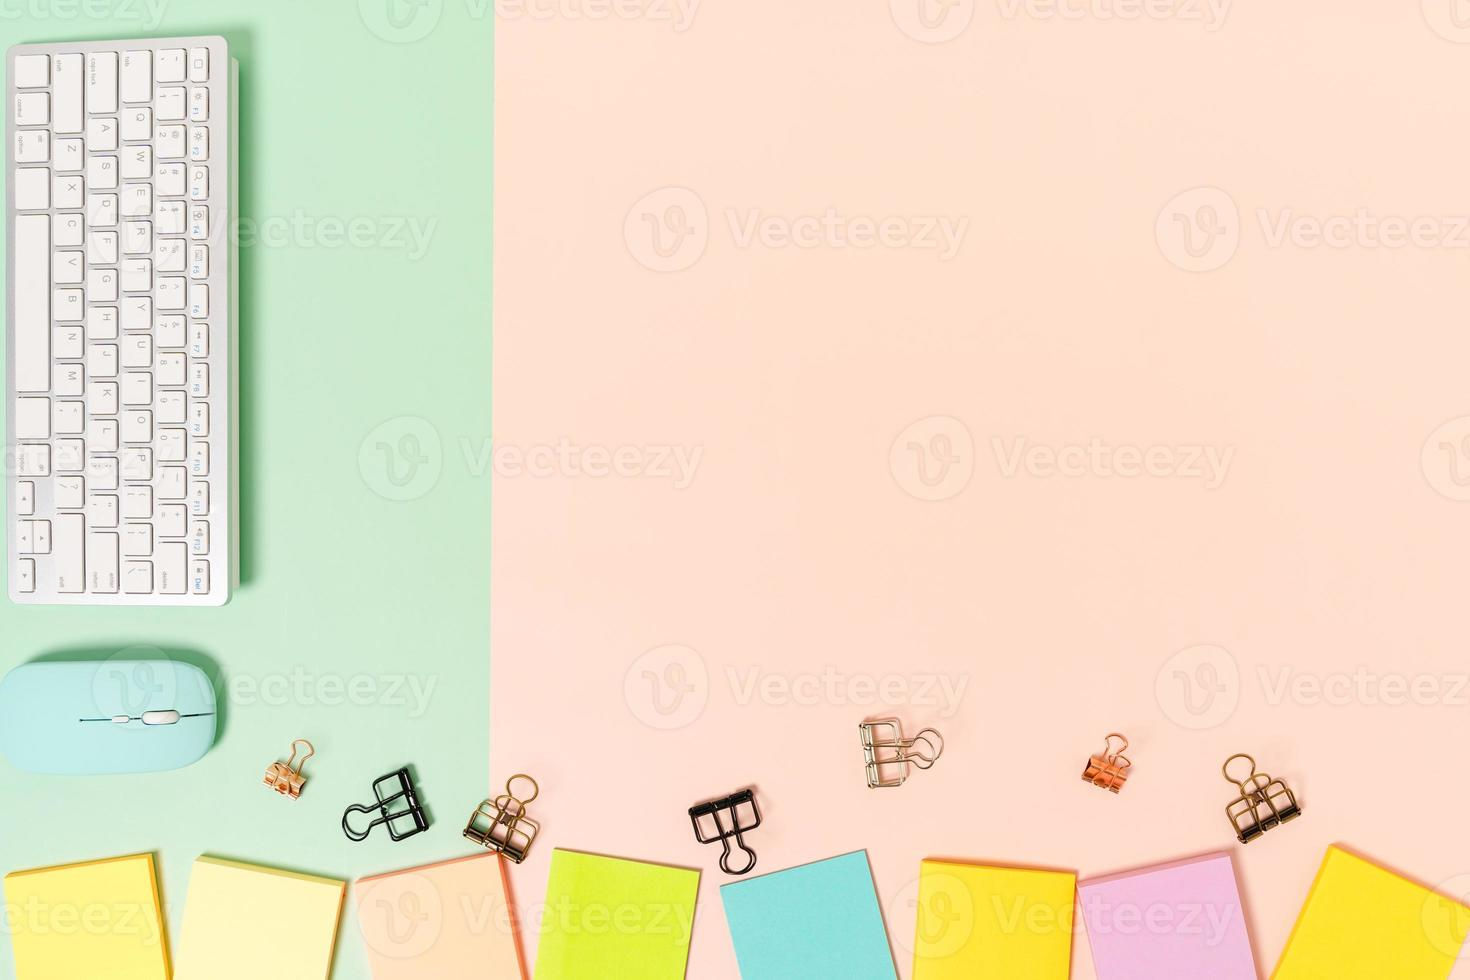 minimaler arbeitsplatz - kreatives flaches foto des arbeitsplatzes. Schreibtisch von oben mit Tastatur, Maus und Klebezettel auf pastellgrünem rosa Hintergrund. Draufsicht mit Kopienraumfotografie.